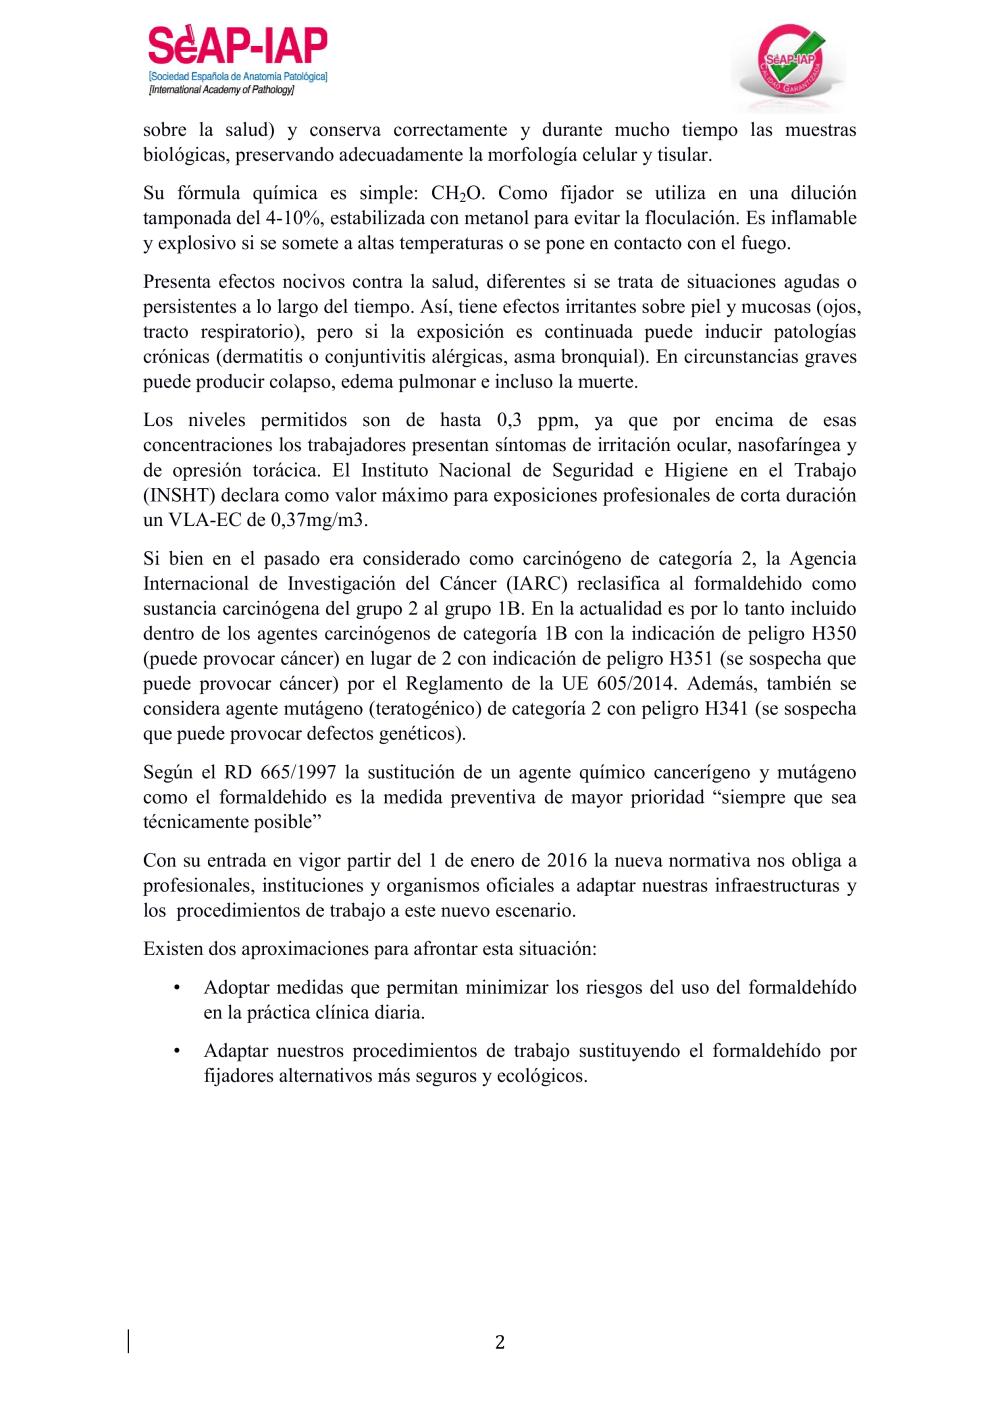 Recomendaciones SEAP formaldehido 2016.pdf - Enlaces de interés ...